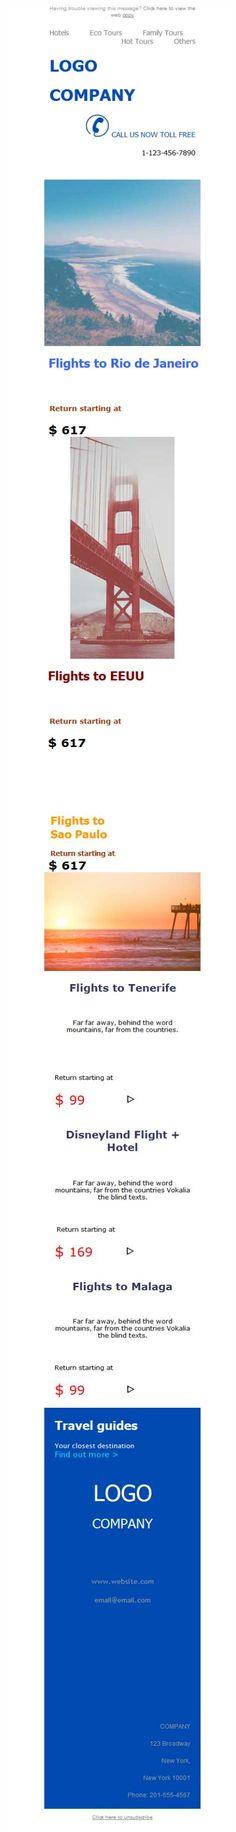 ¿Tienes una agencia de viajes? Mailify pone a tu disposición las mejores plantillas newsletters para que informes a todos tus contactos. ¡A volar!